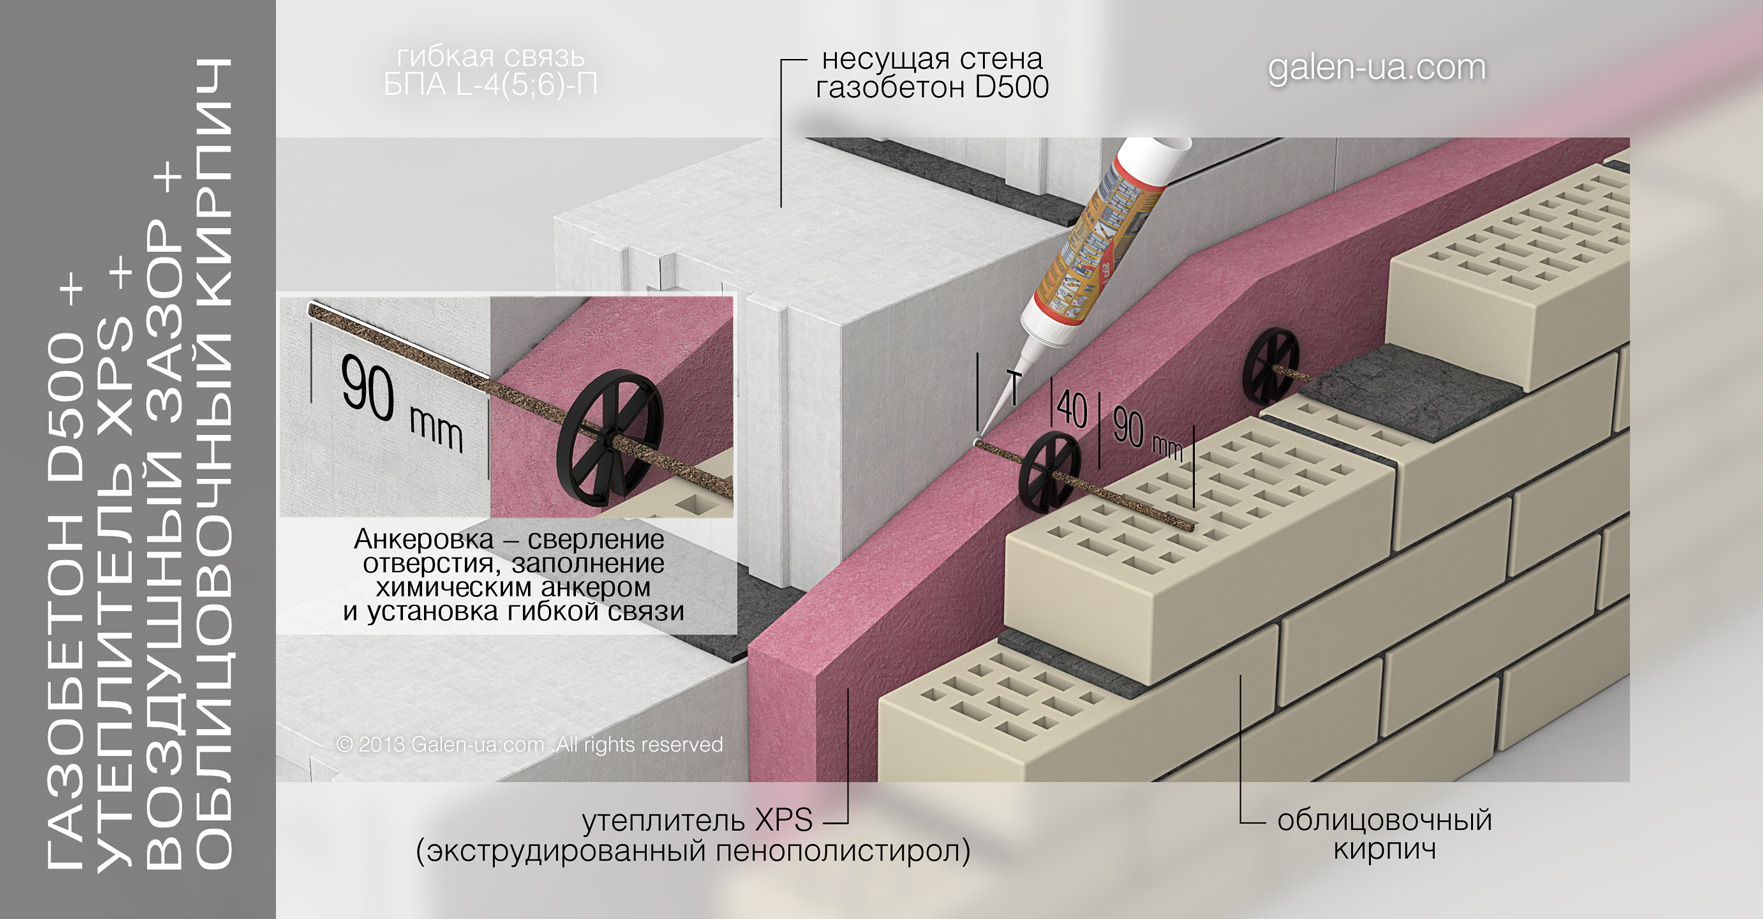 slide_03_Galen-bpa-l-4_5_6_p_3